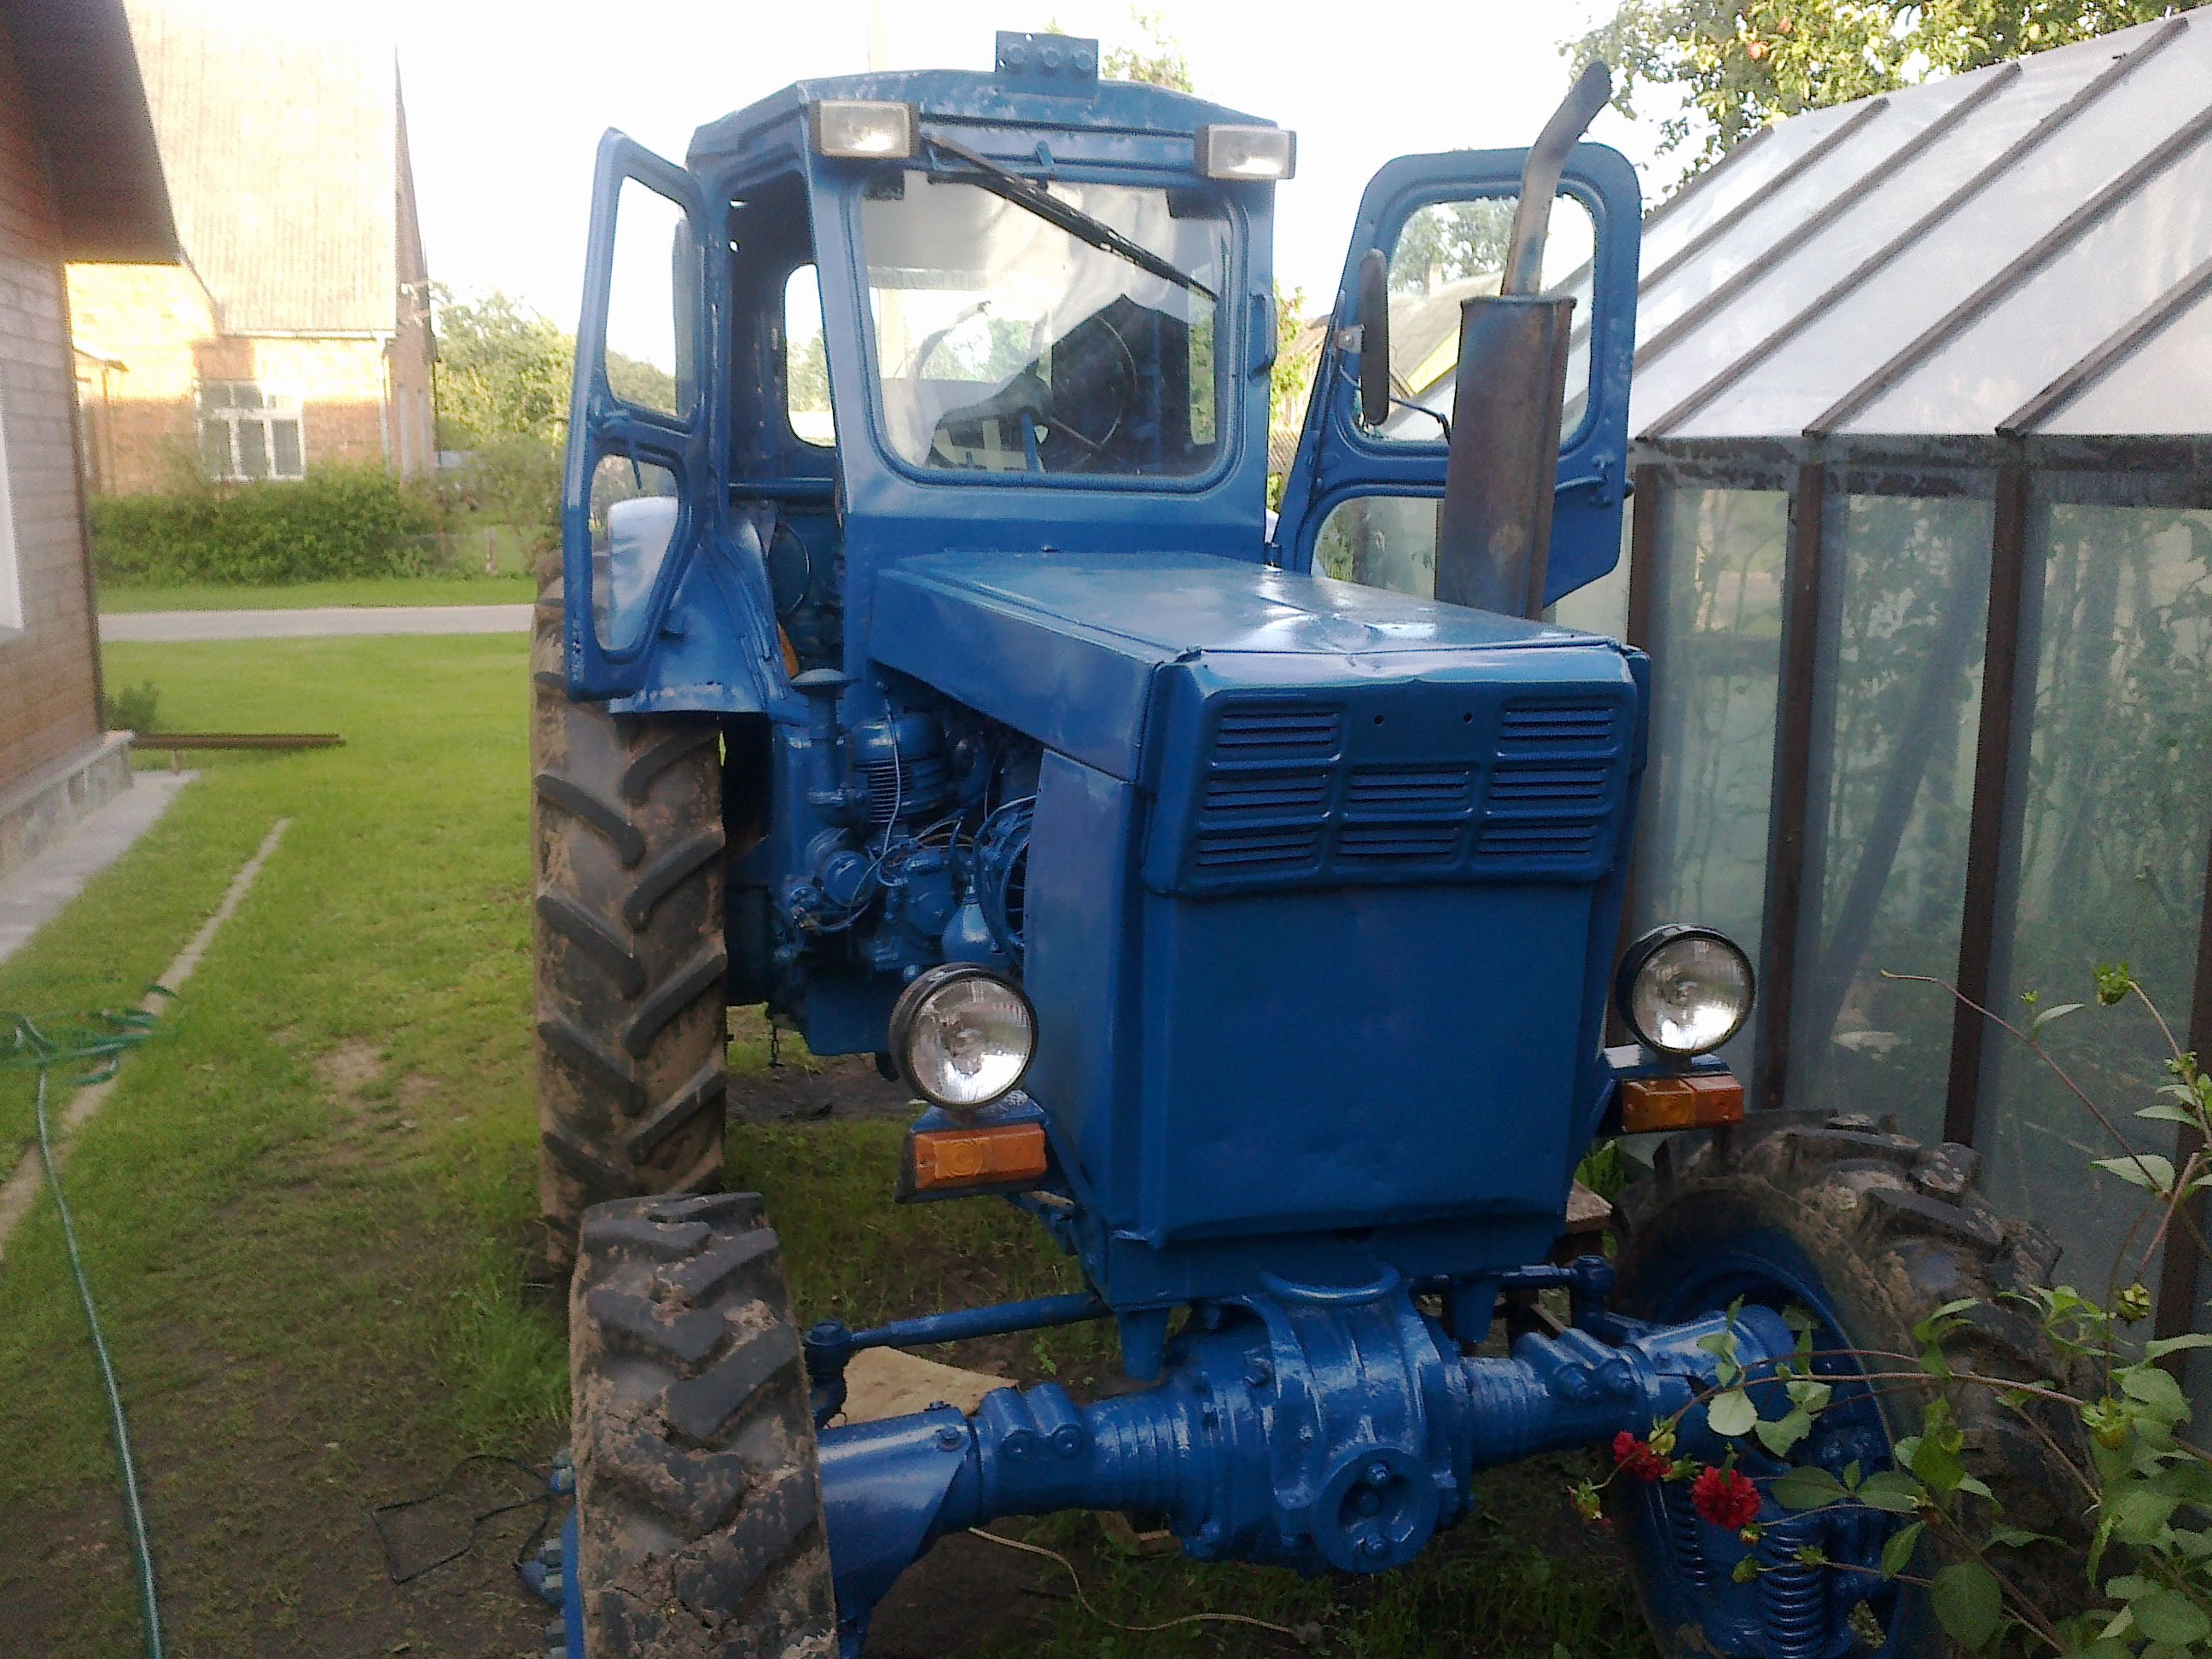 Купить трактор лтз 60 в Москве, объявления с ценами на.